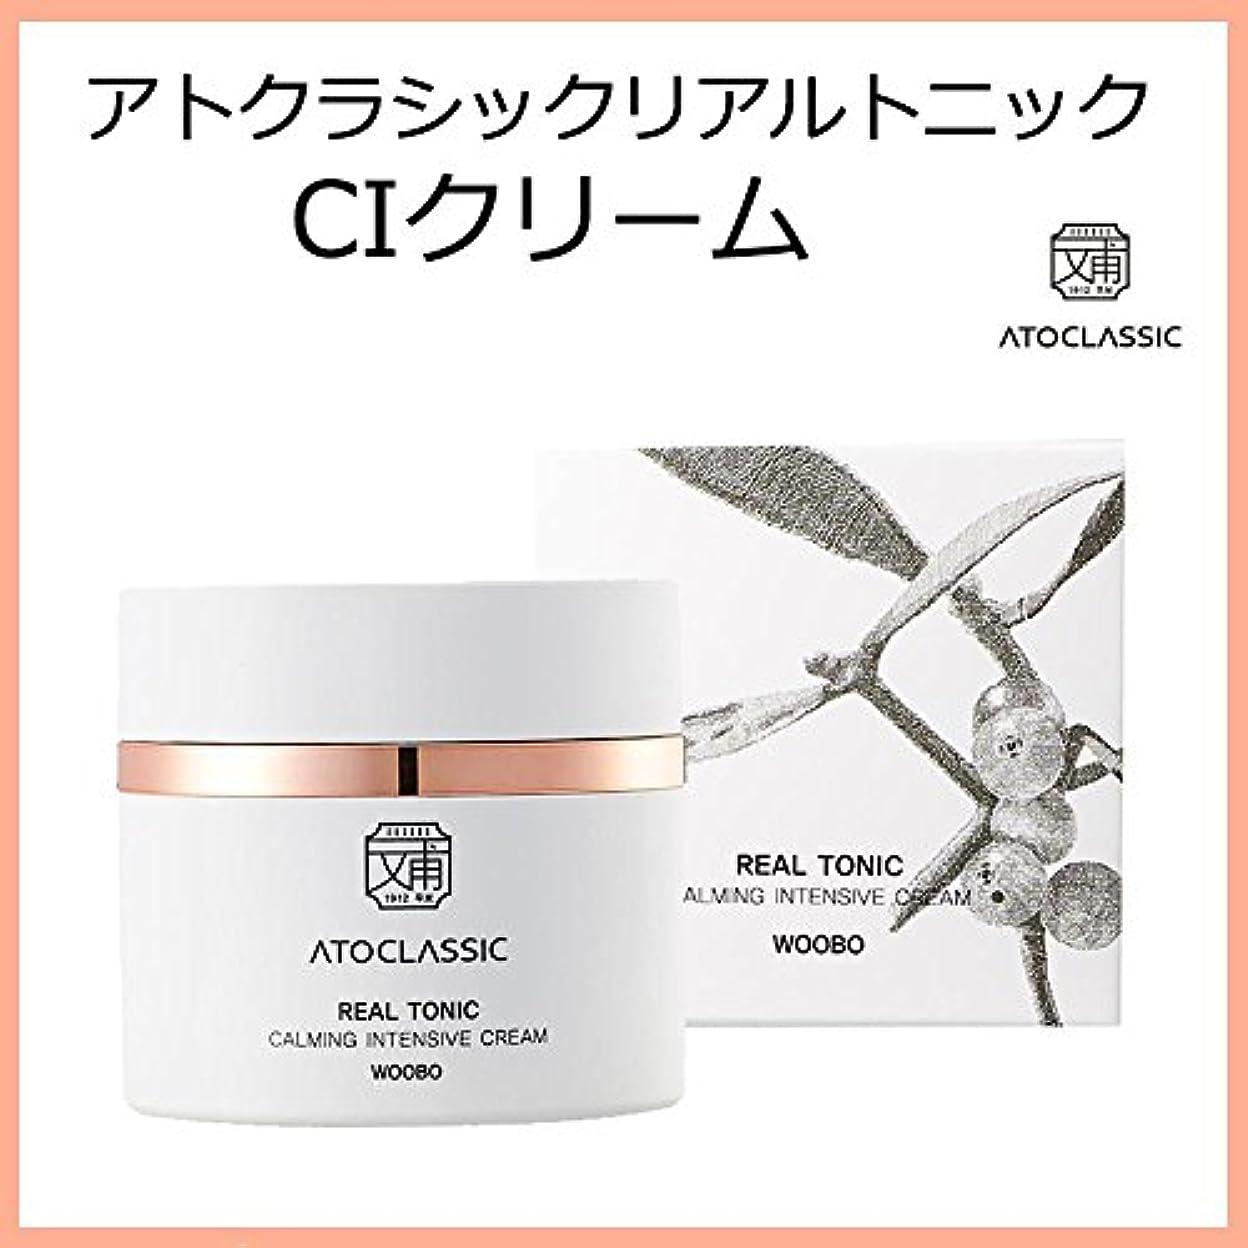 無限北ジャンル韓国コスメ ATOCLASSIC アトクラシックリアルトニック CIクリーム(Calming Intensive Cream) 50ml